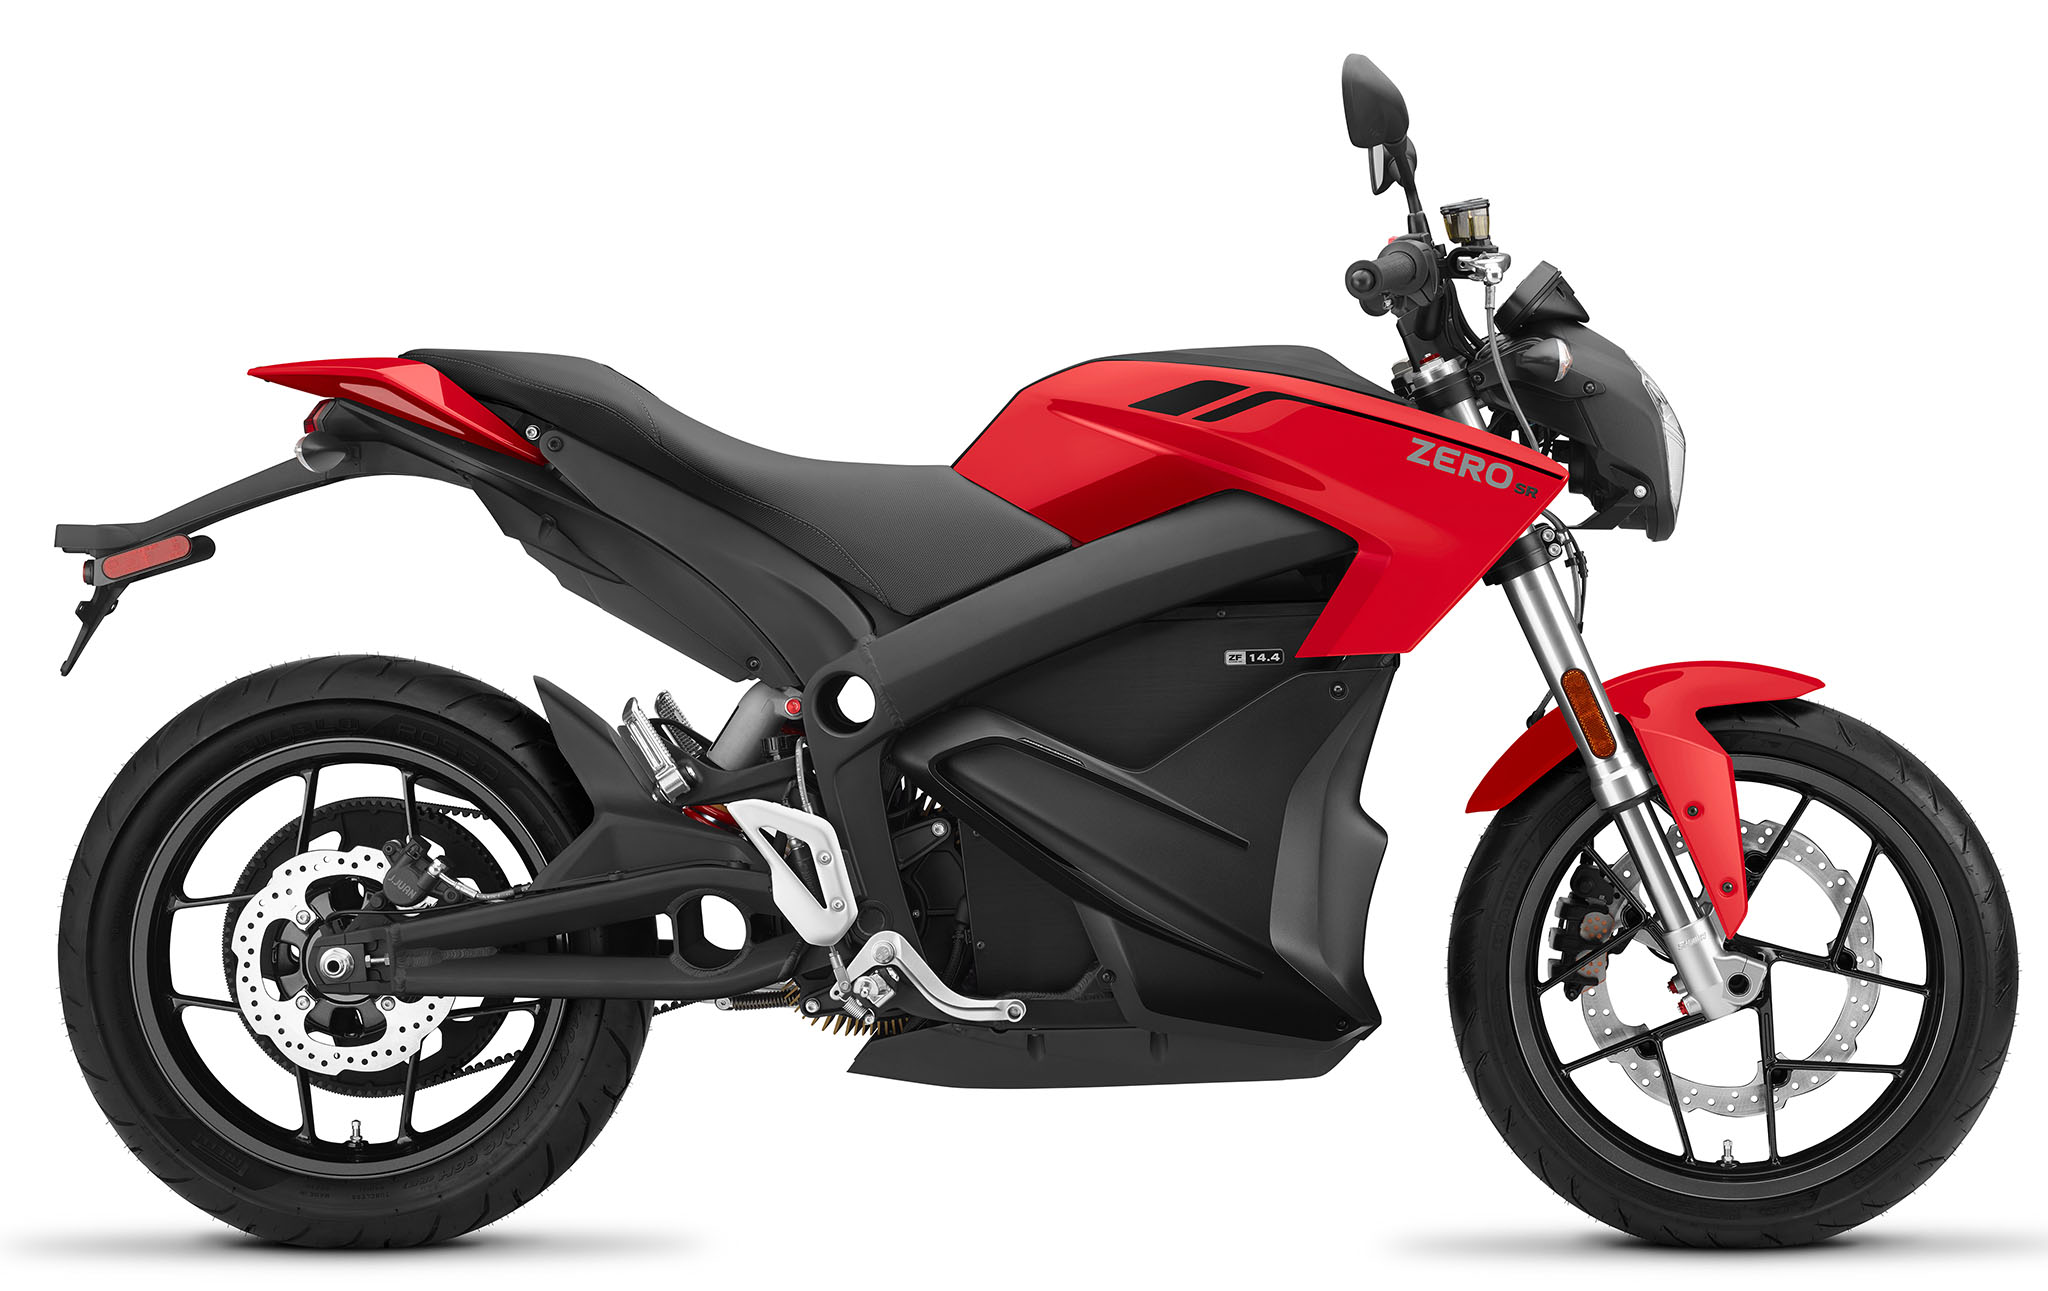 Zero SR ZF14.4 blir återigen härligt röd i 2021 års utförande.